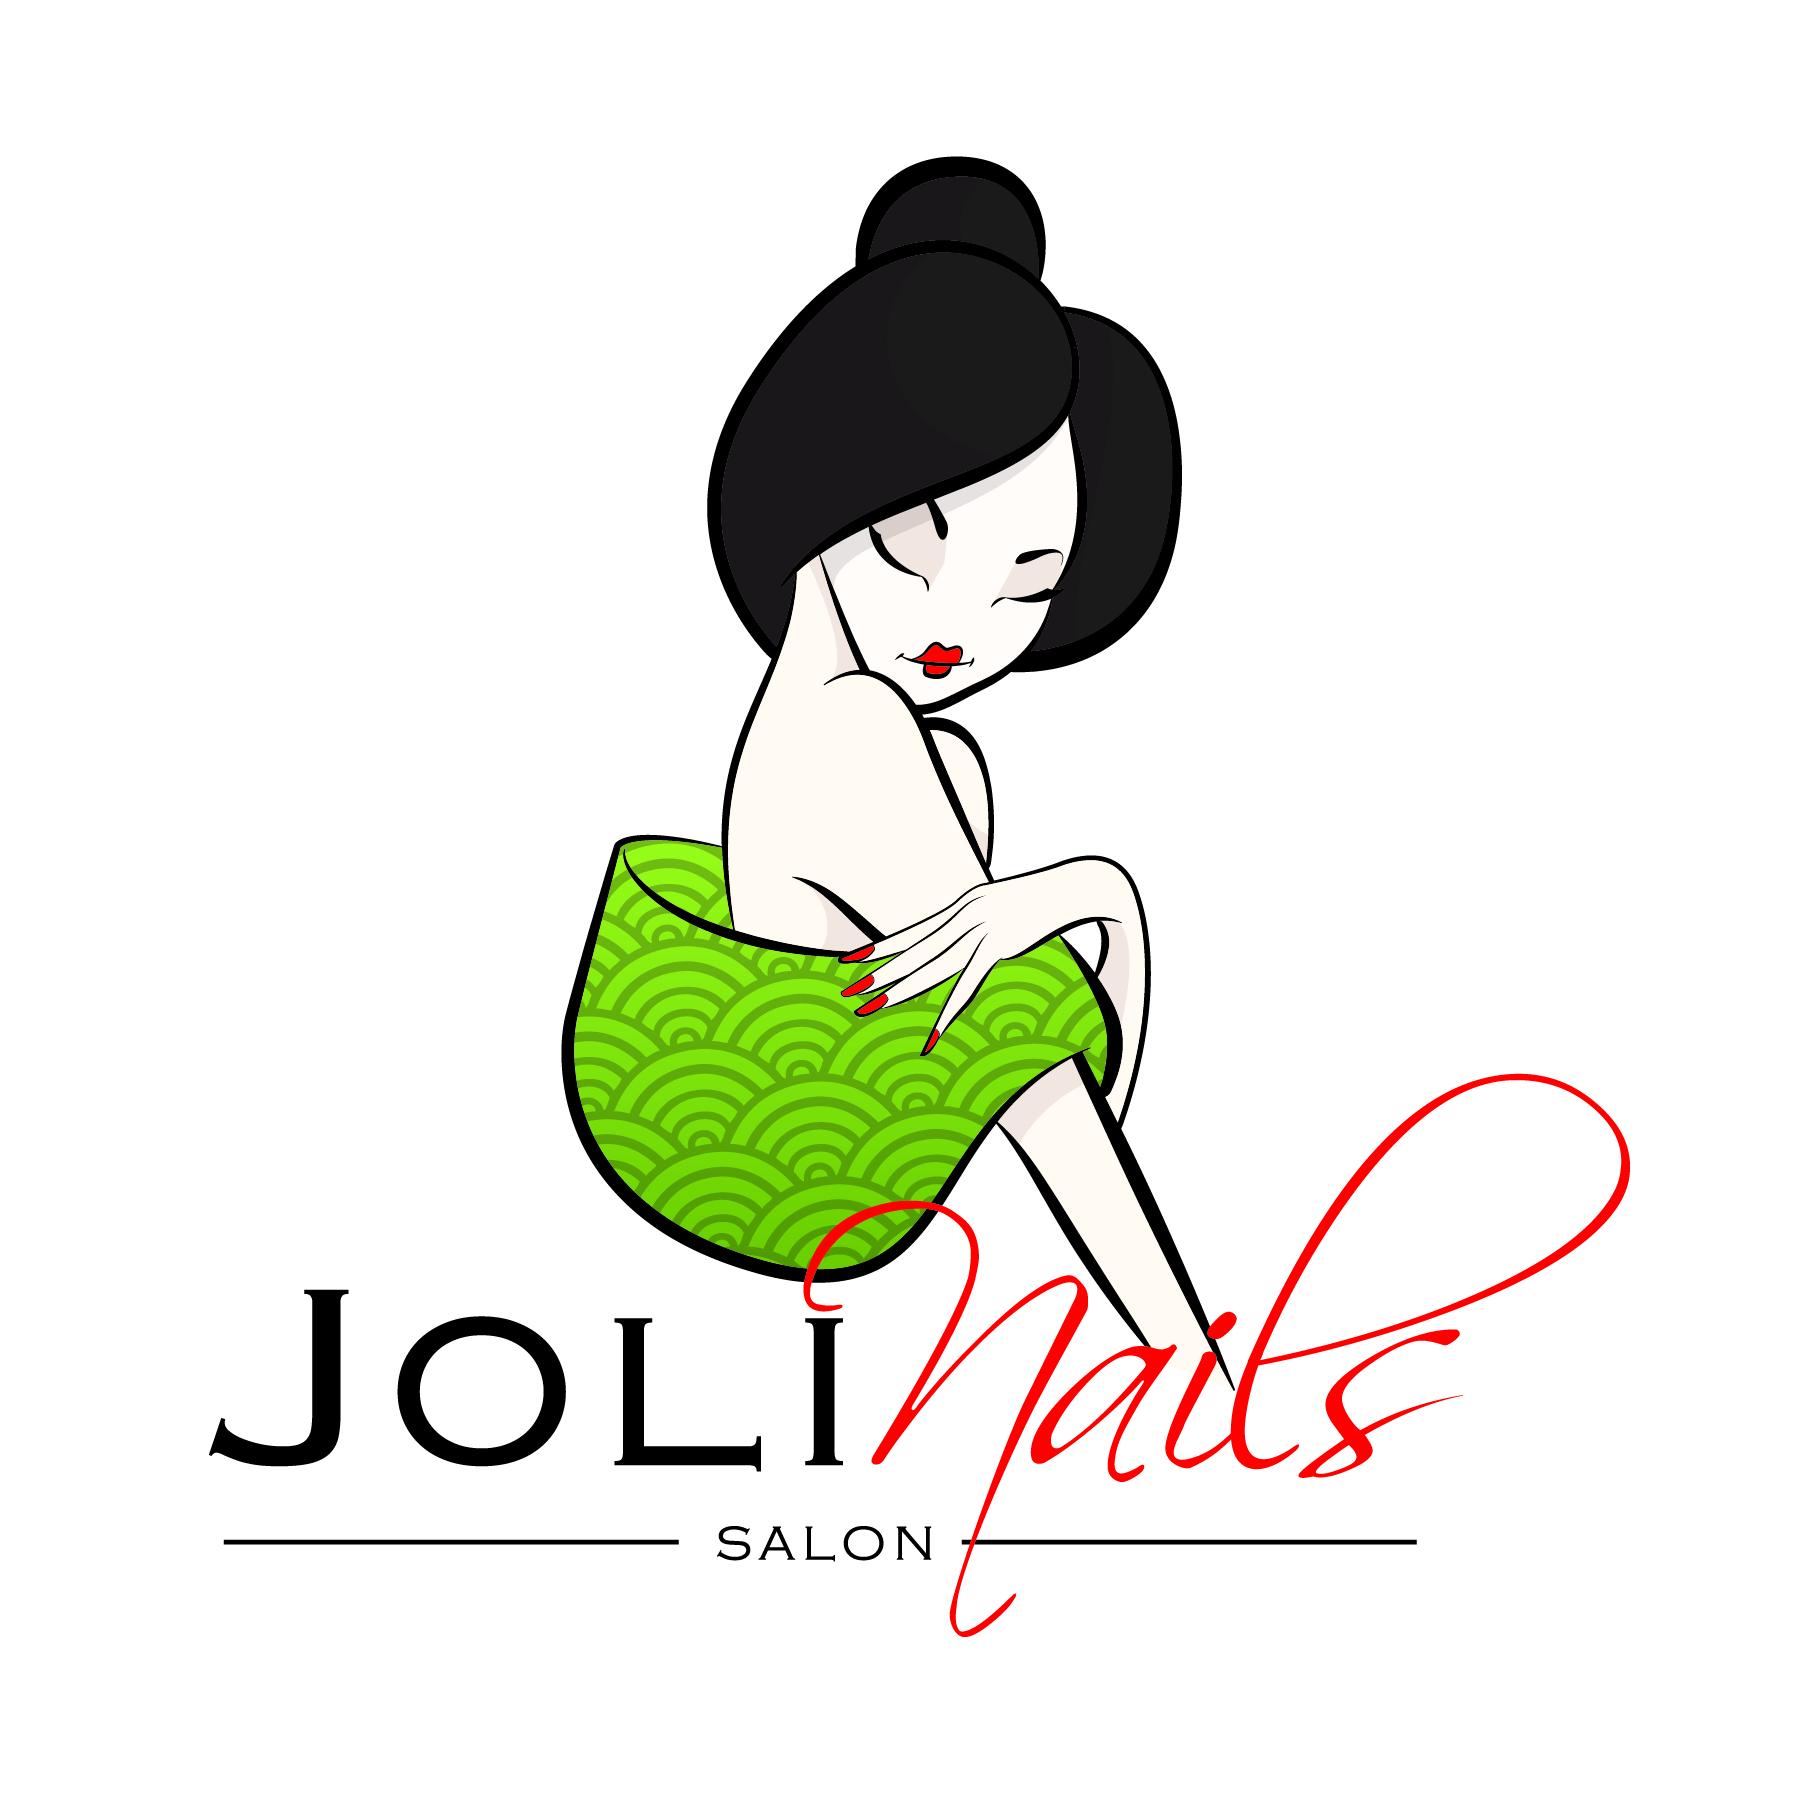 JoliNailsLogoV2-01.jpg